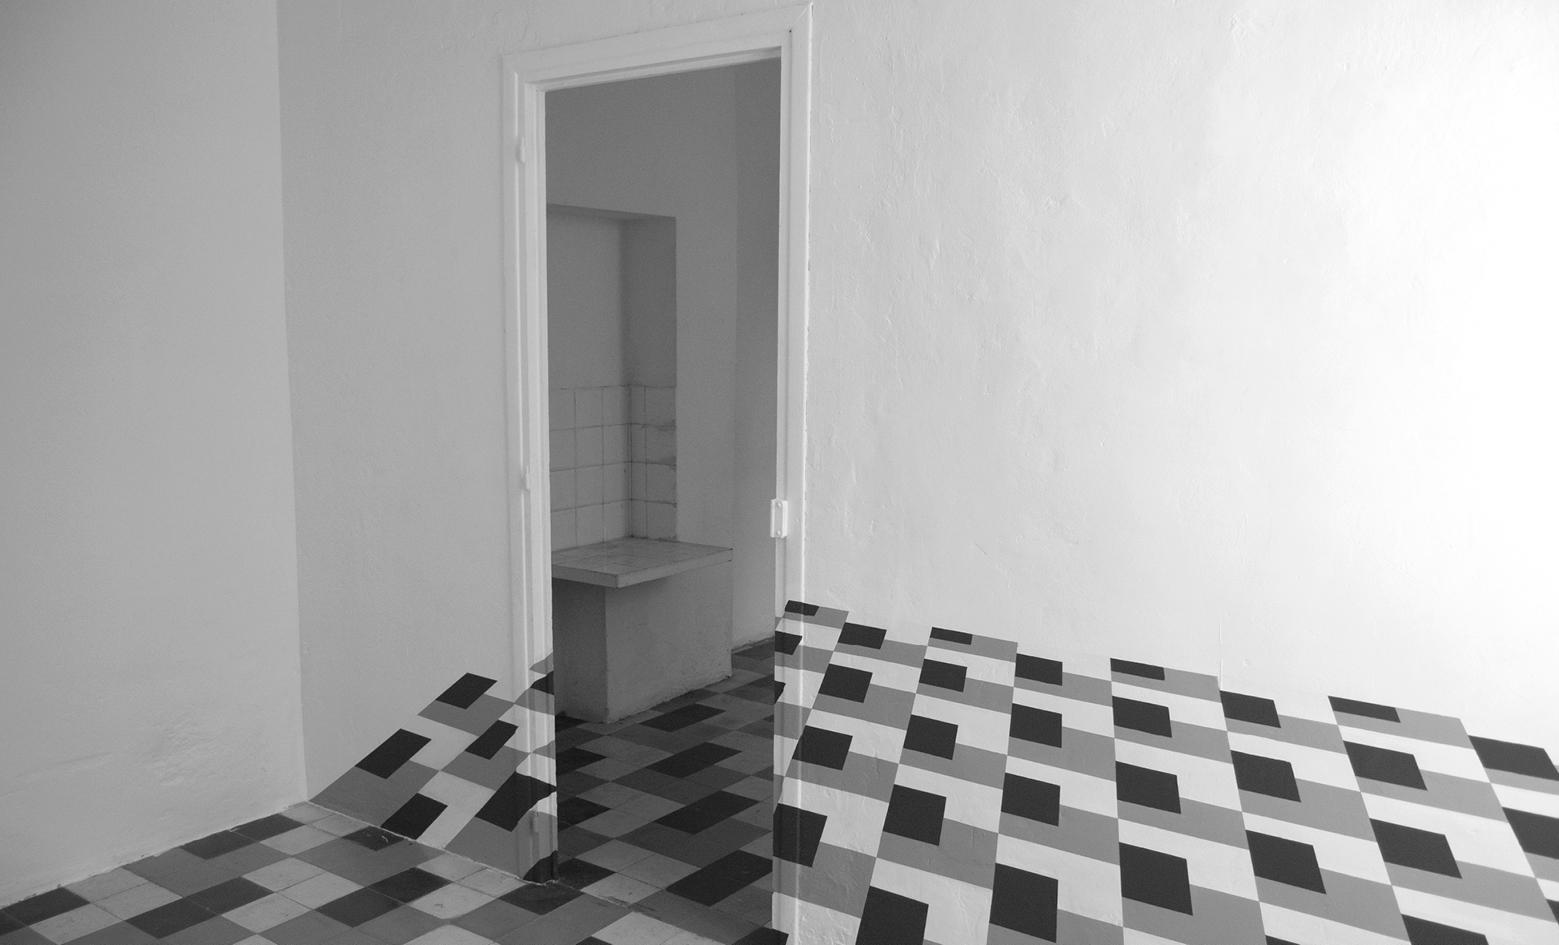 Marion Robin, Sans titre, 2007 Peintures murales, acrylique, dimensions du mur: 280 x 350 cm, vue de l'exposition Rencontre 29, la Vigie, Nîmes